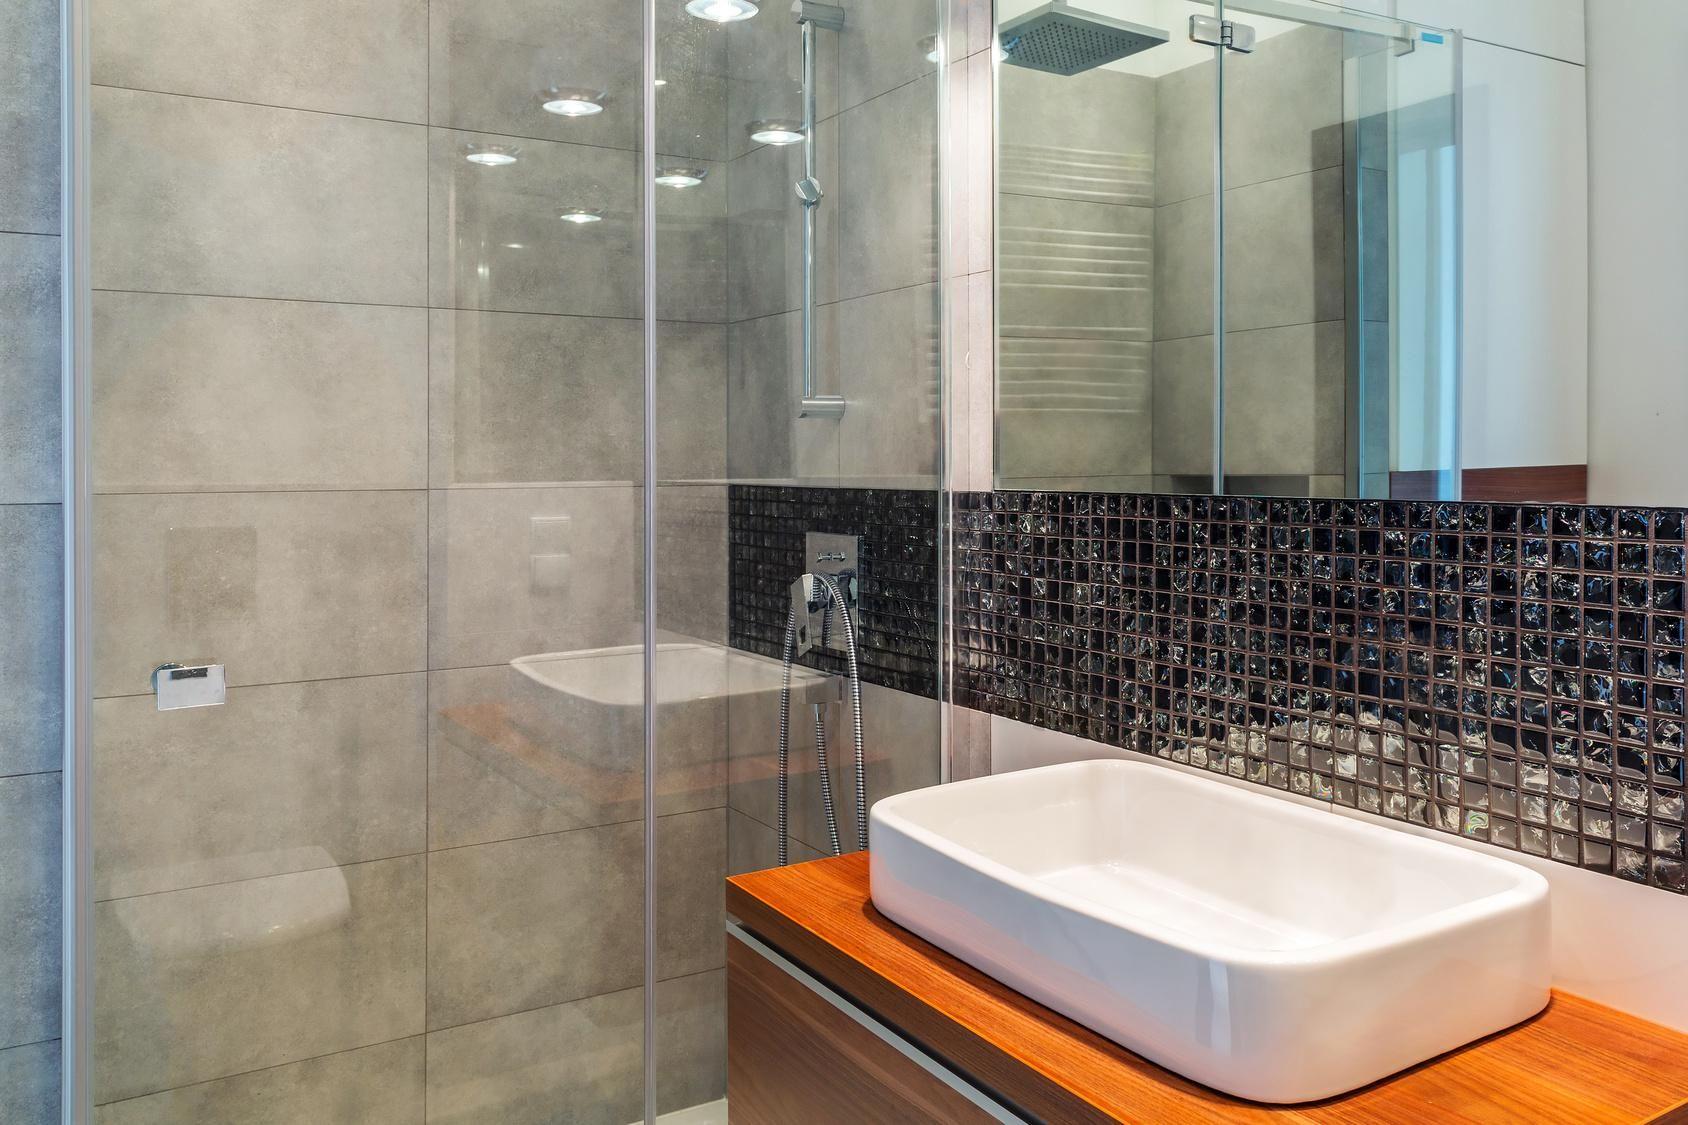 Kalk An Duschtur Aus Glas Entfernen Badezimmer Dekor Glasduschen Und Kleines Bad Dekorieren